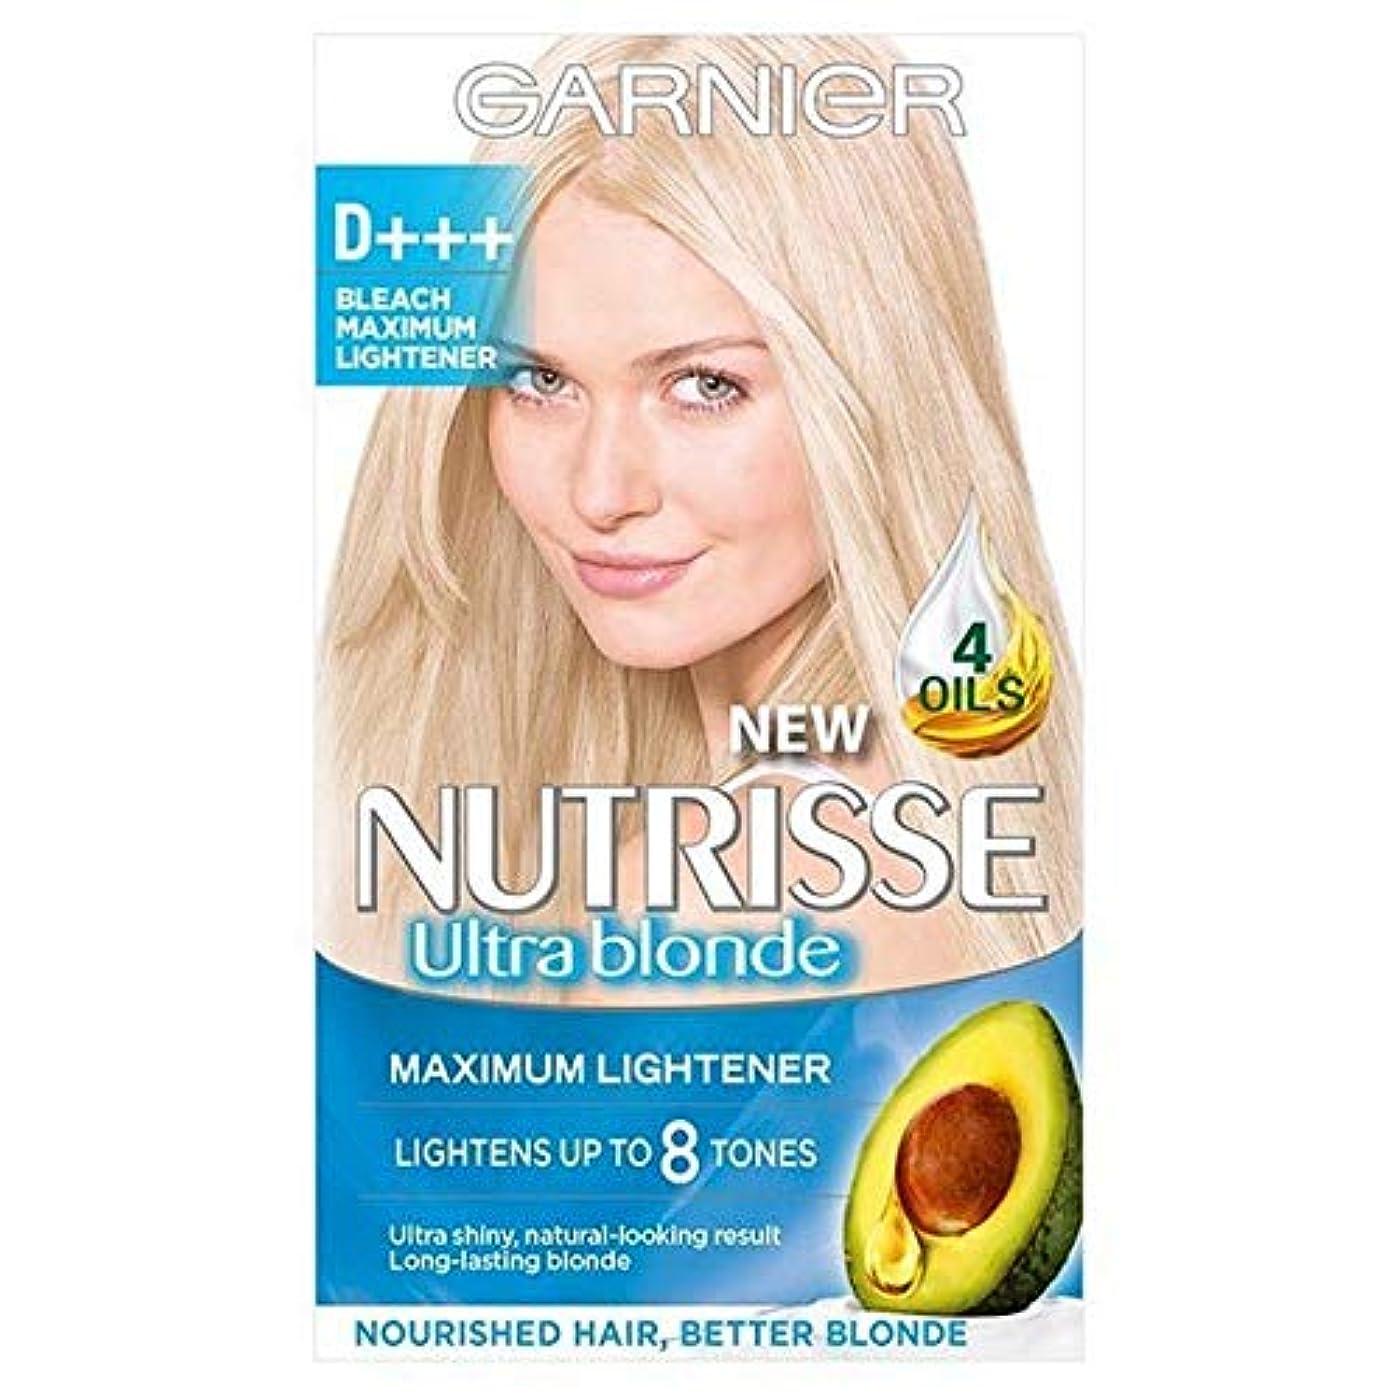 該当する帰る腐敗した[Garnier ] ガルニエNutrisse D +++漂白ライトナーパーマネントヘアダイ - Garnier Nutrisse D+++ Bleach Lightener Permanent Hair Dye [並行輸入品]